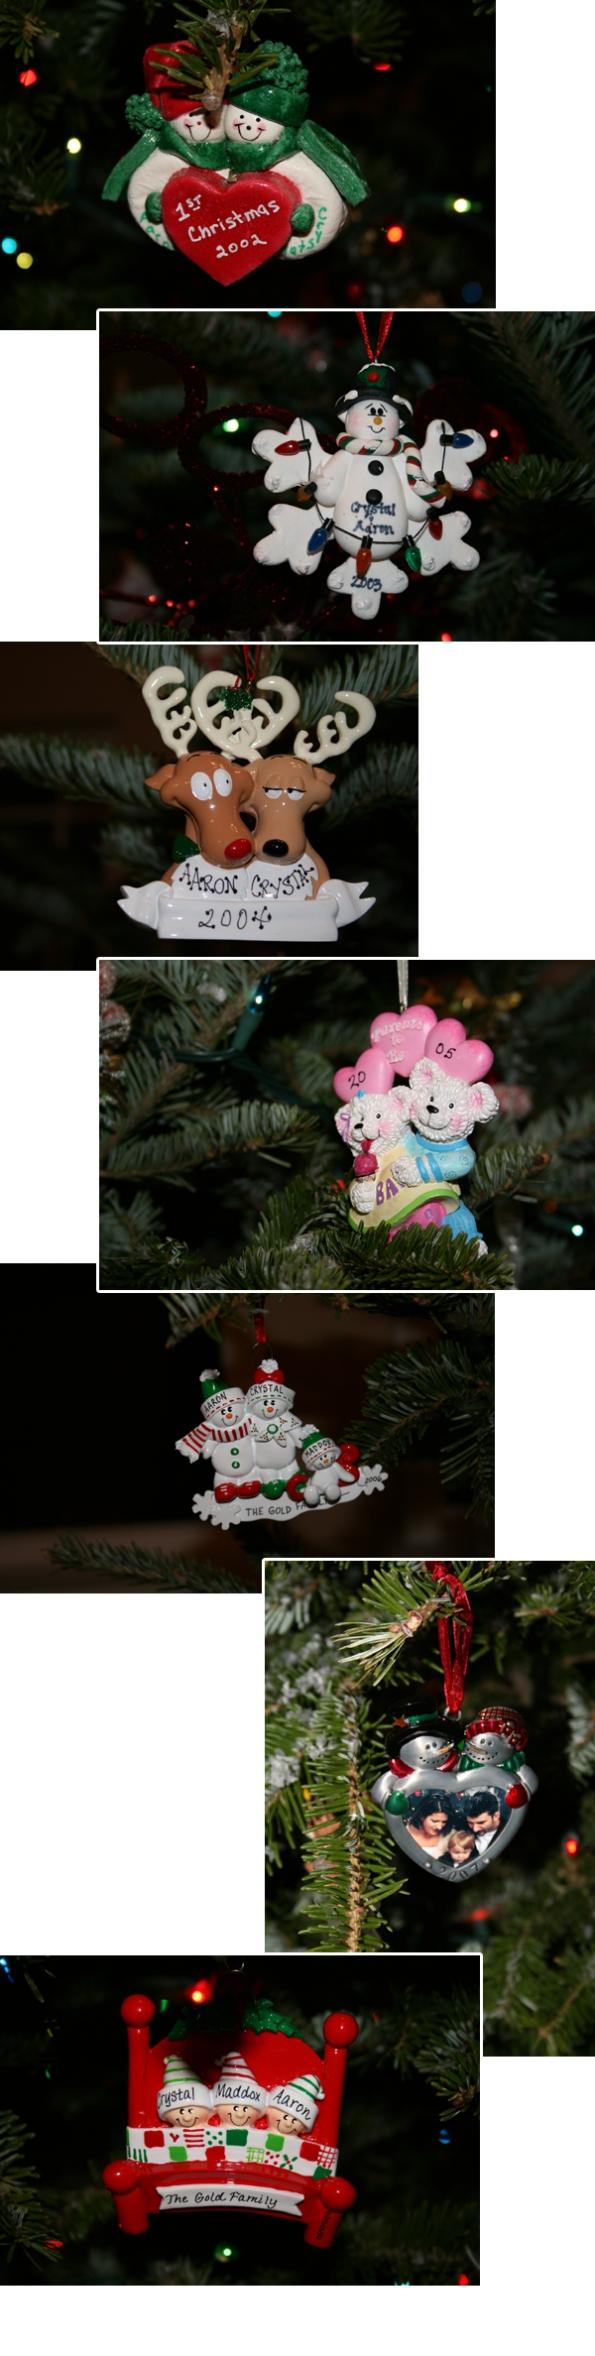 ornaments 2002-2008